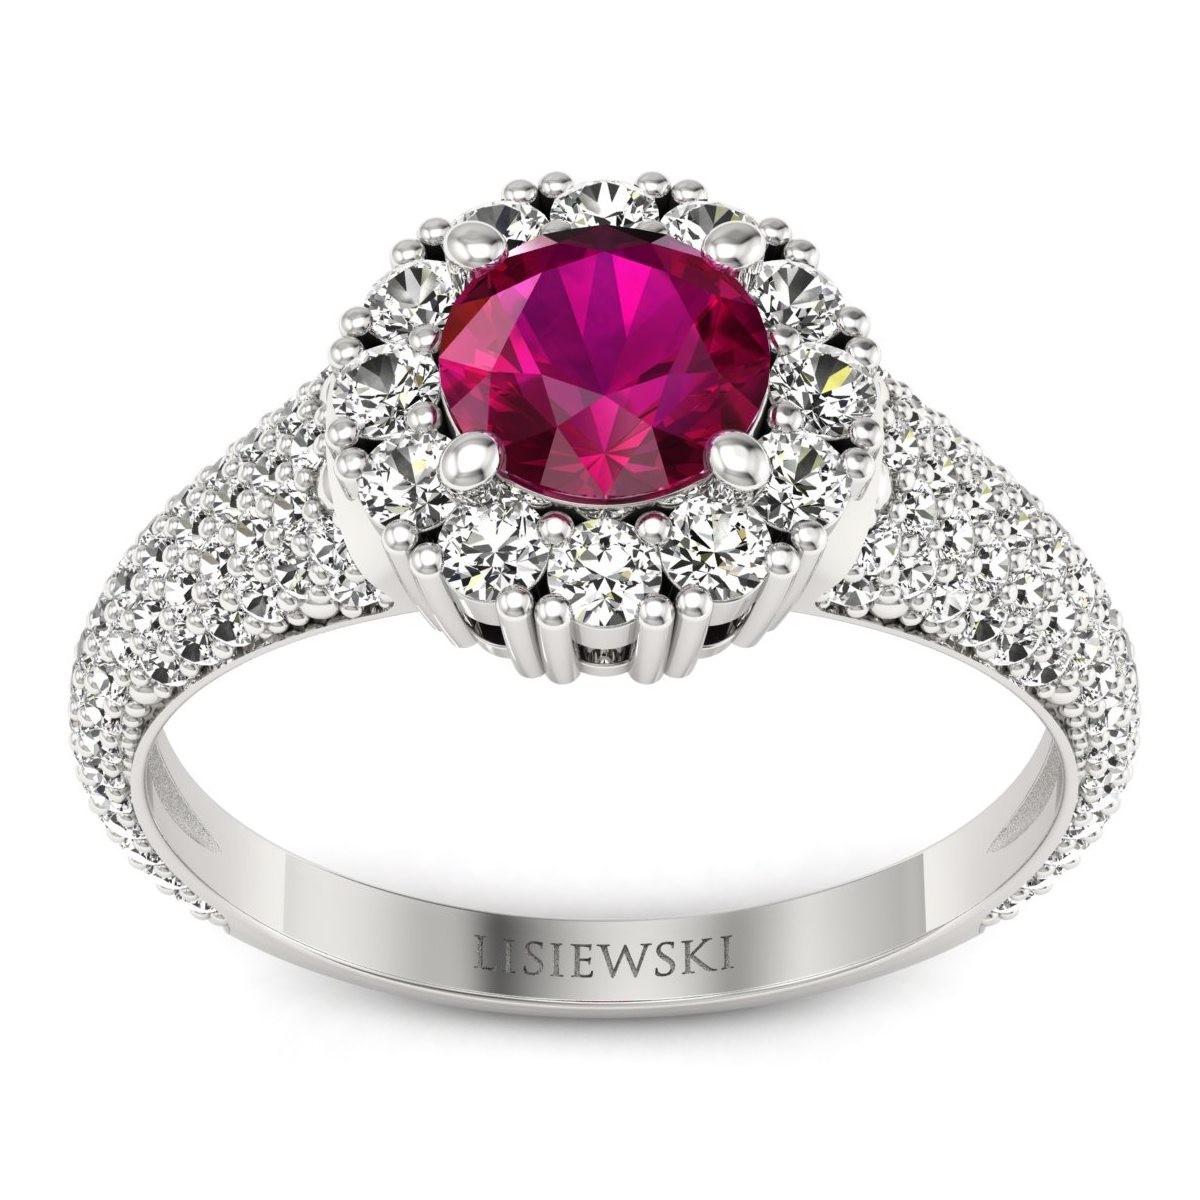 Kate - Pierścionek z rubinem i diamentami